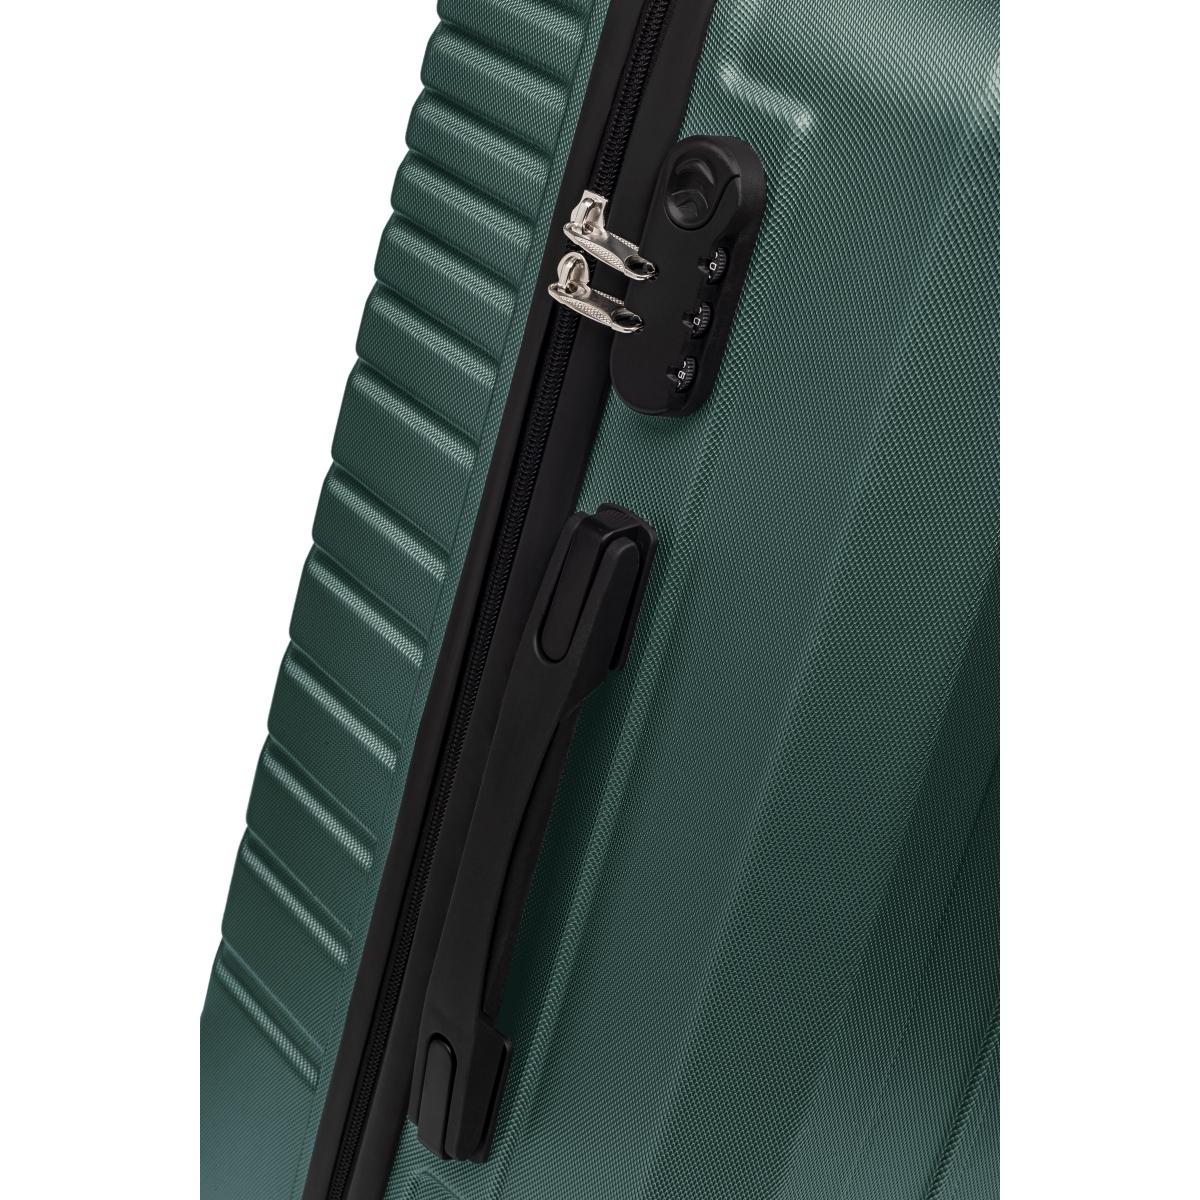 Gedox Abs 3'lü Valiz Seyahat Seti - Model:700.07 Haki Yeşil